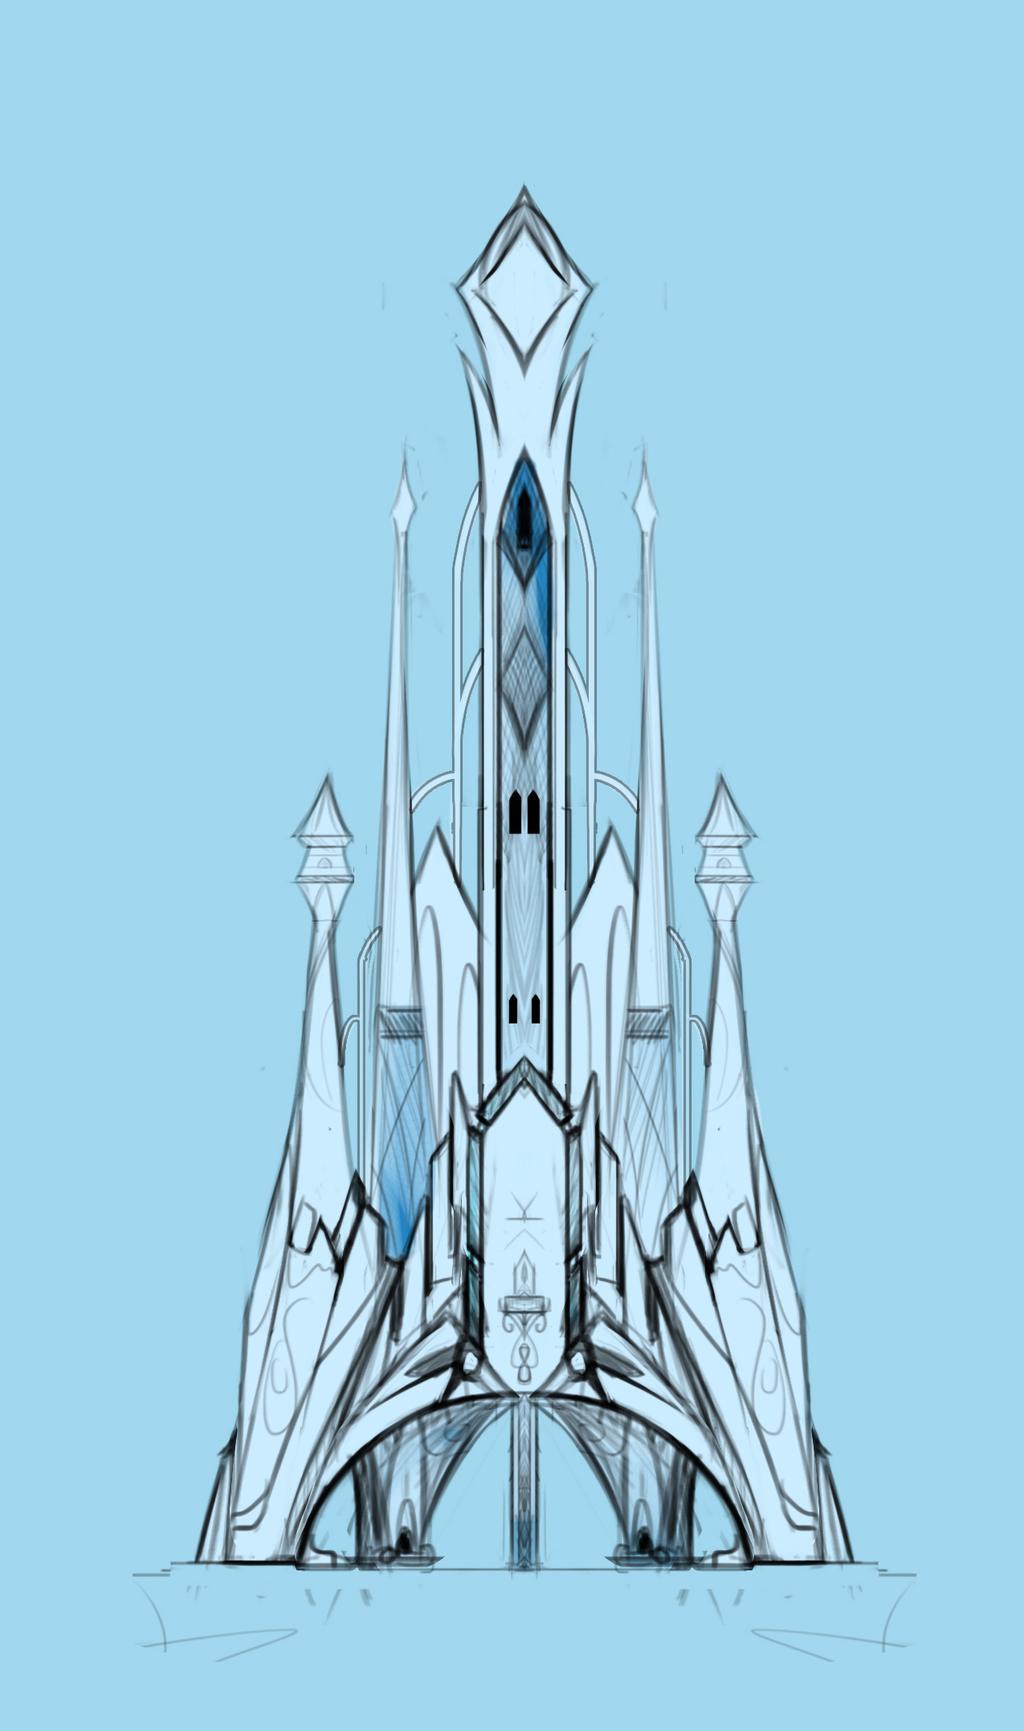 Crystal empire castle